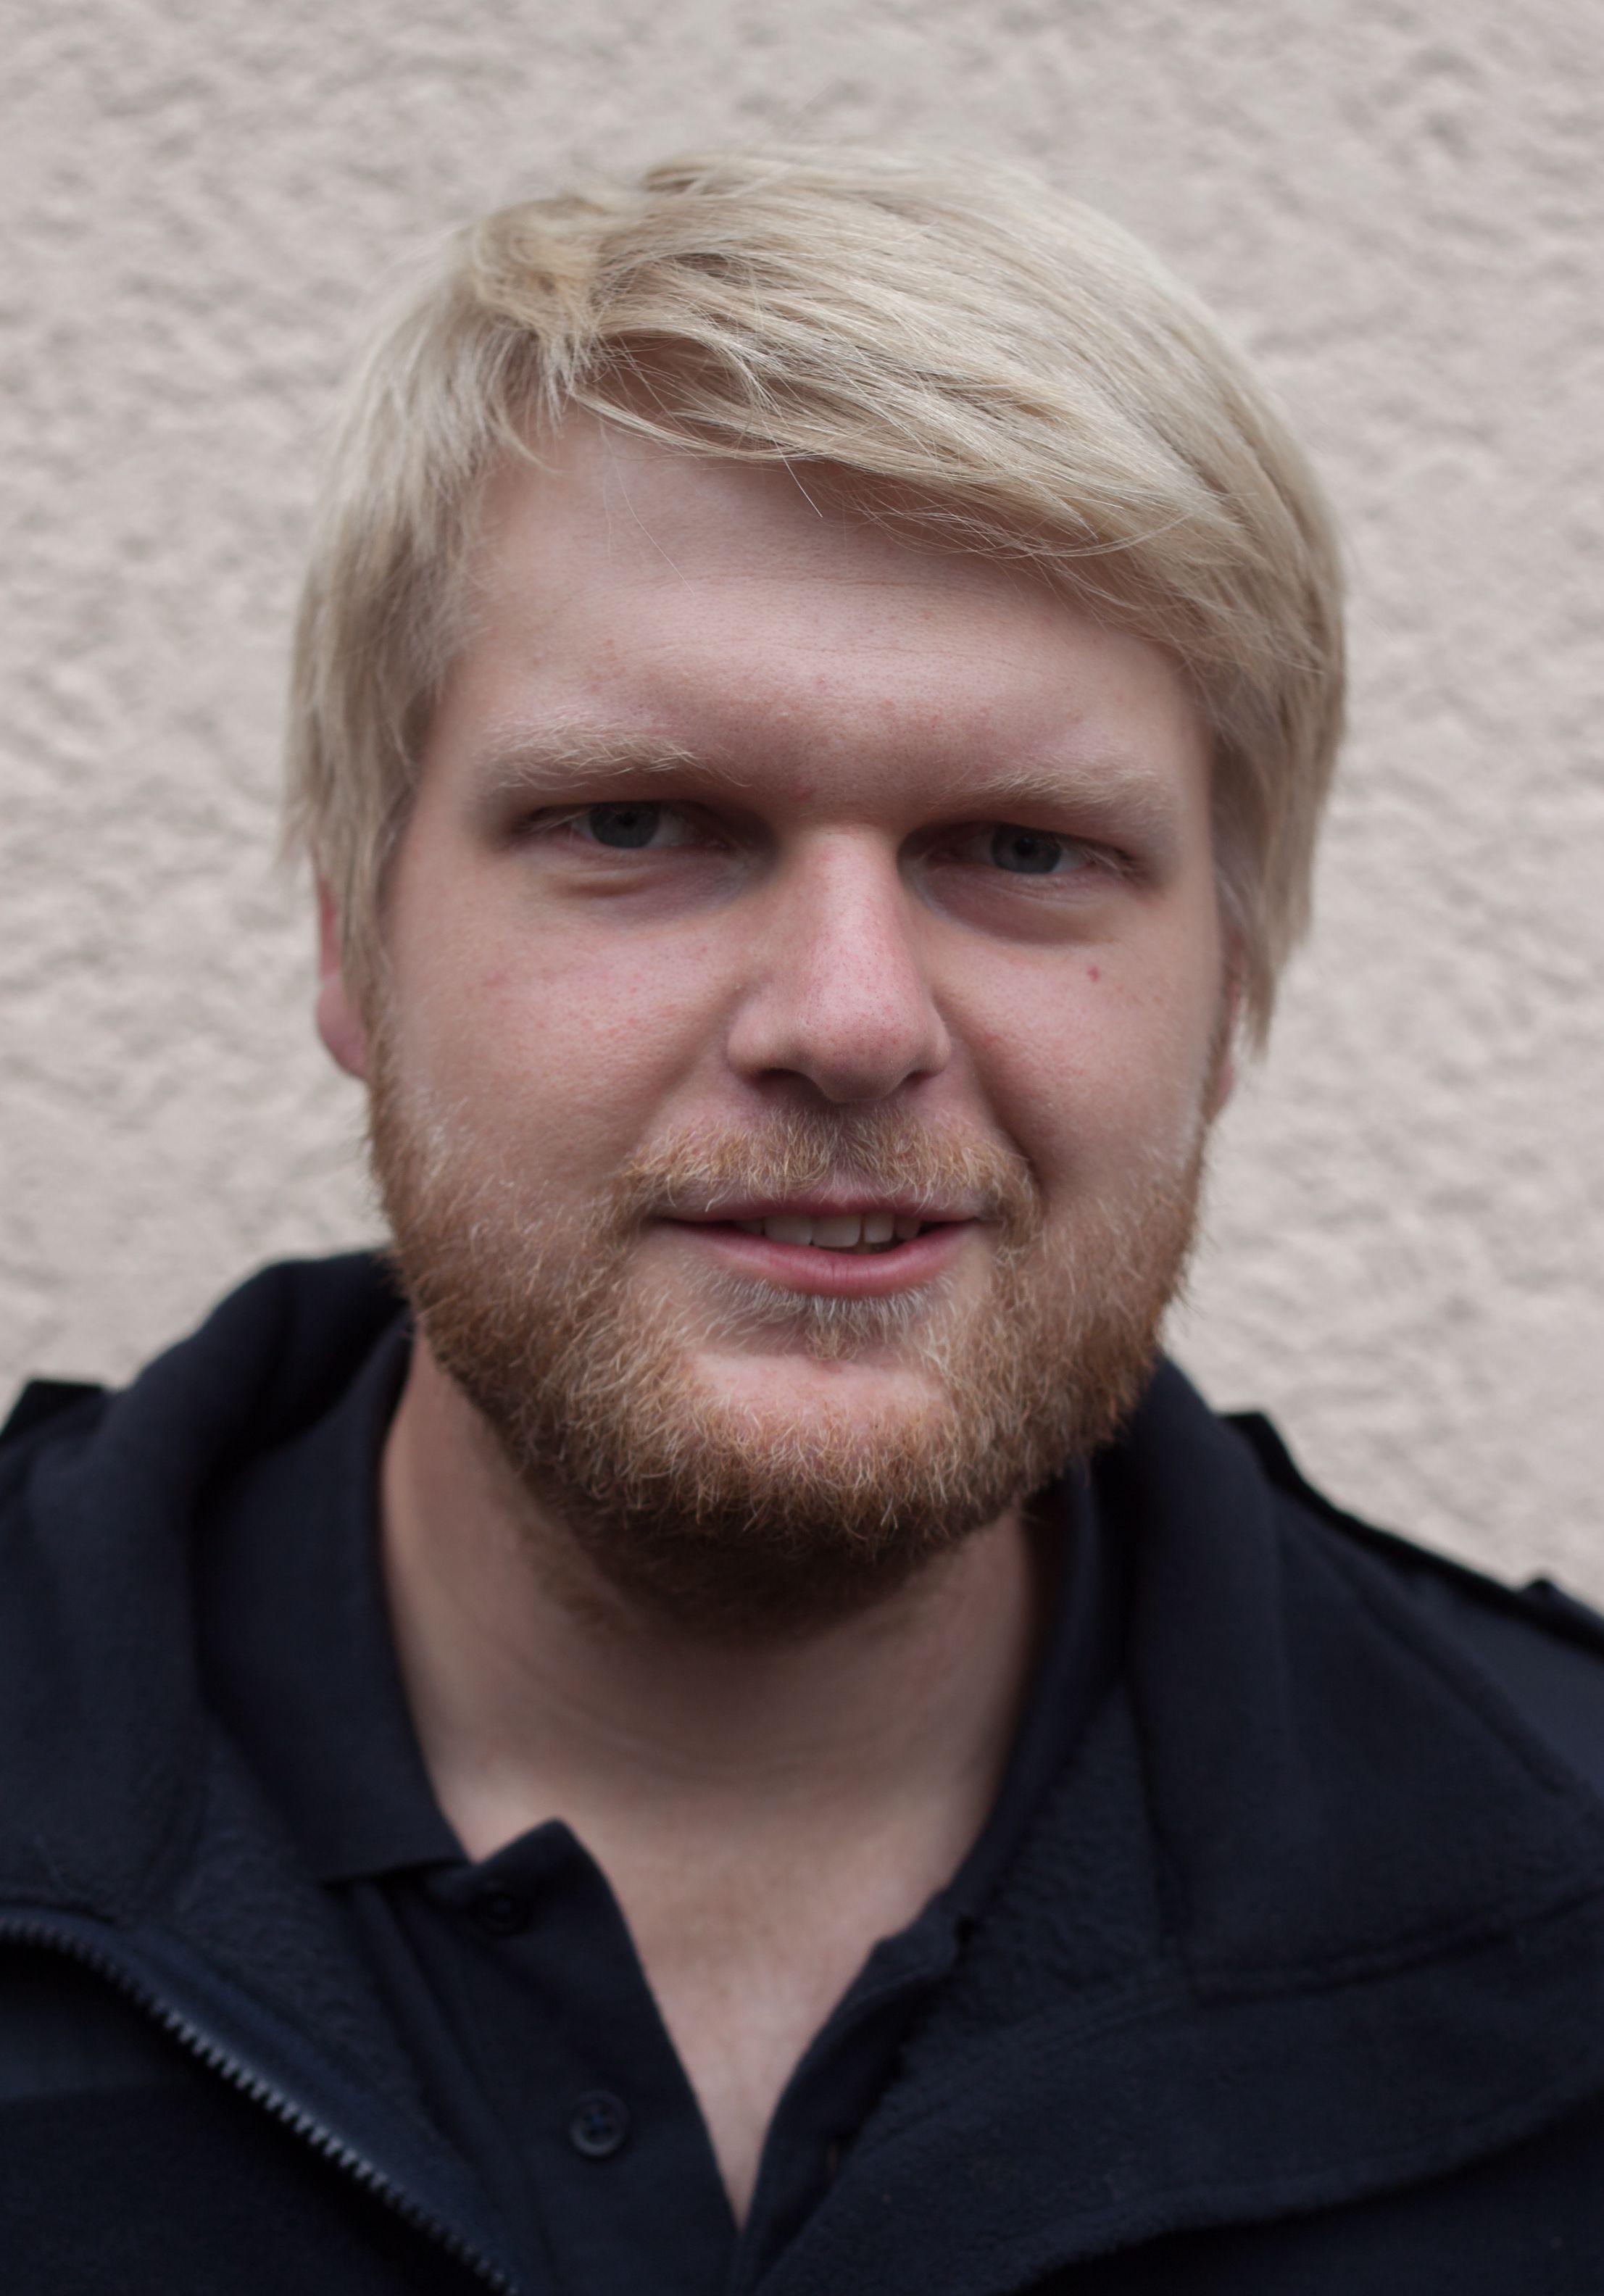 Markus Fritz